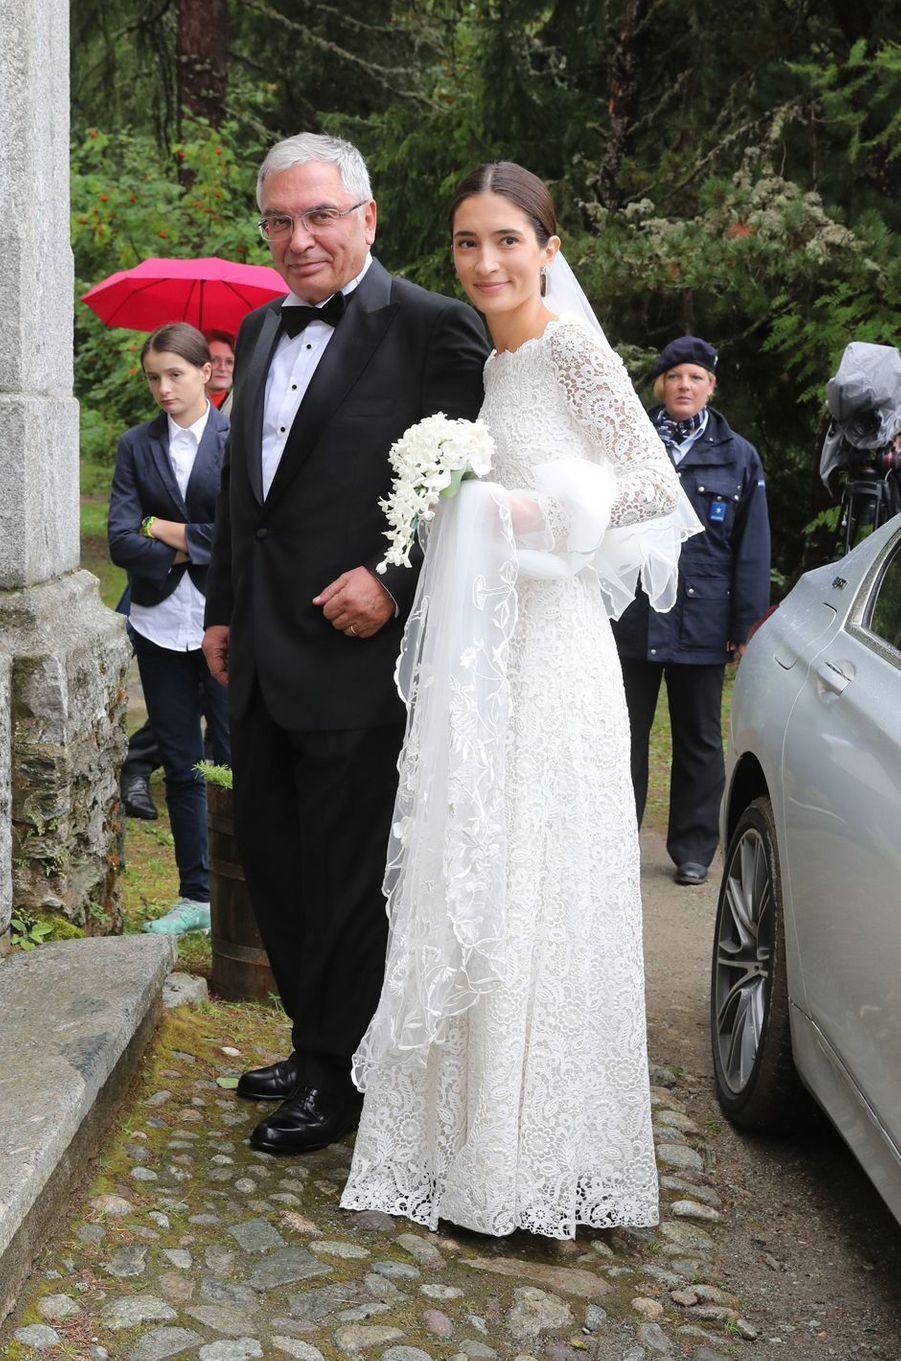 Deniz Kaya à St Moritz, le 1er septembre 2018, jour de son mariage avec le prince Konstantin de Bavière